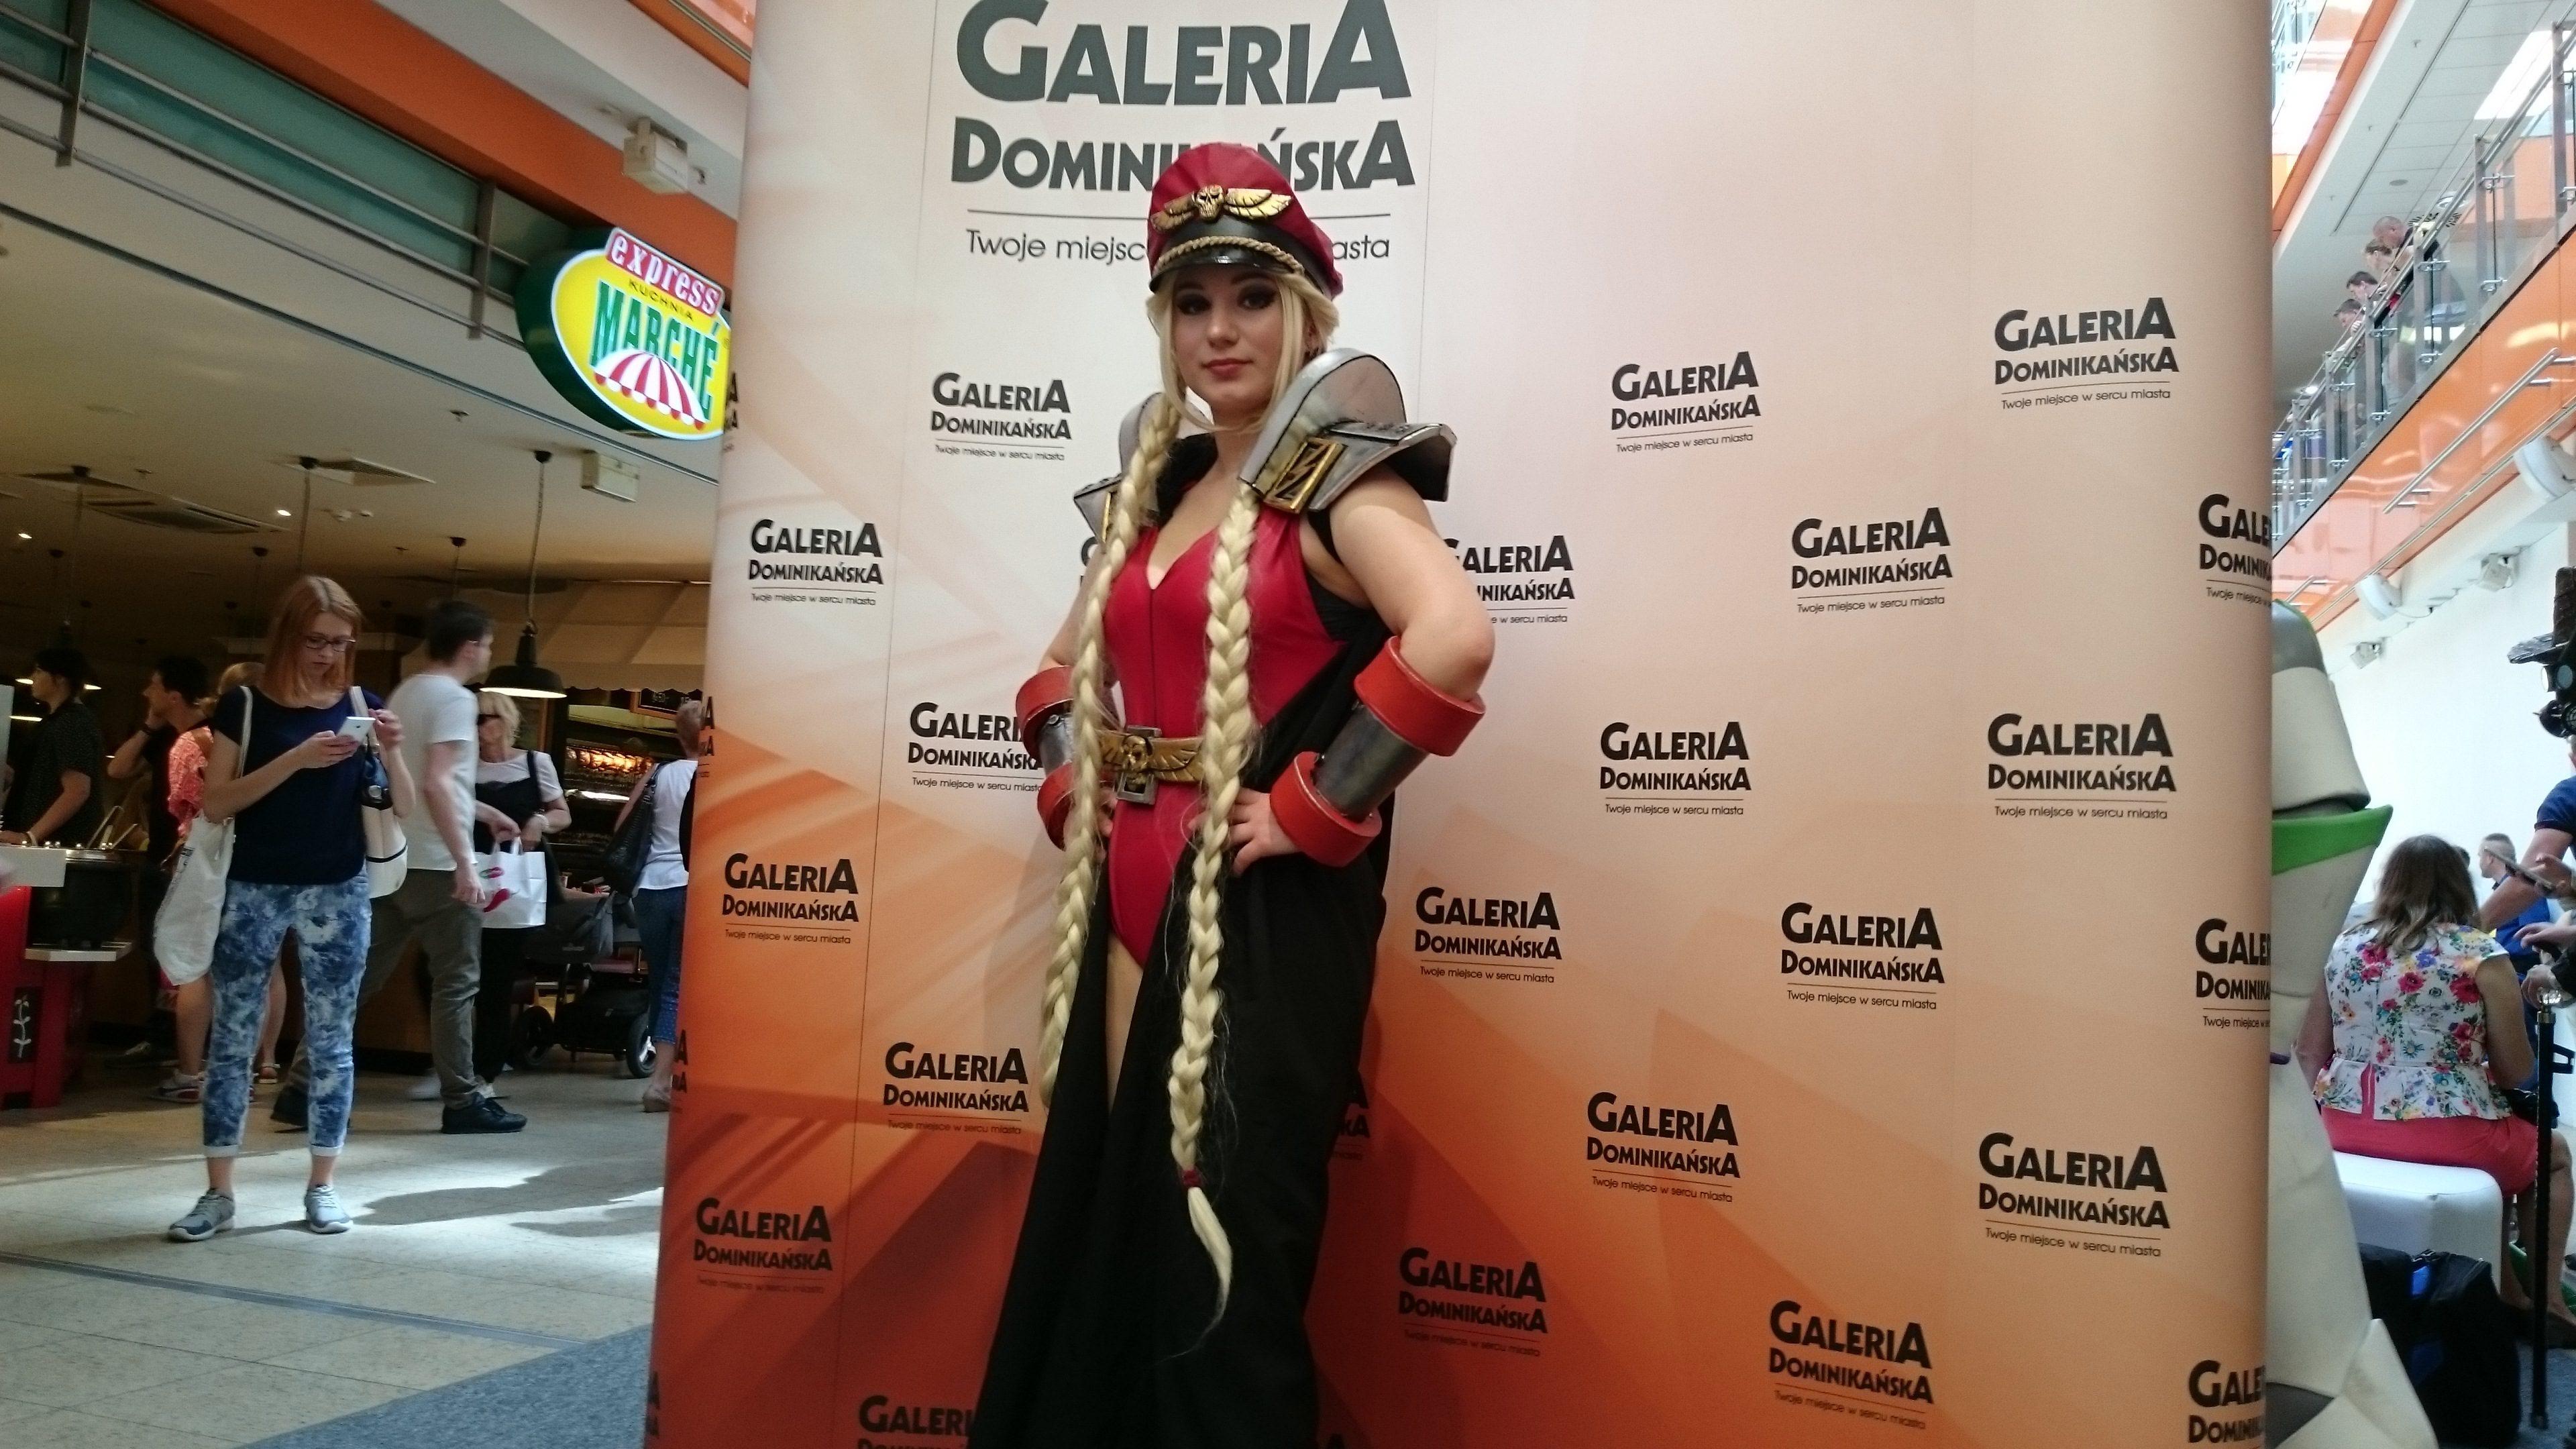 Calypsen w cosplayu podczas weekendu z cosplayerami w Galerii Dominikańskiej we Wrocławiu